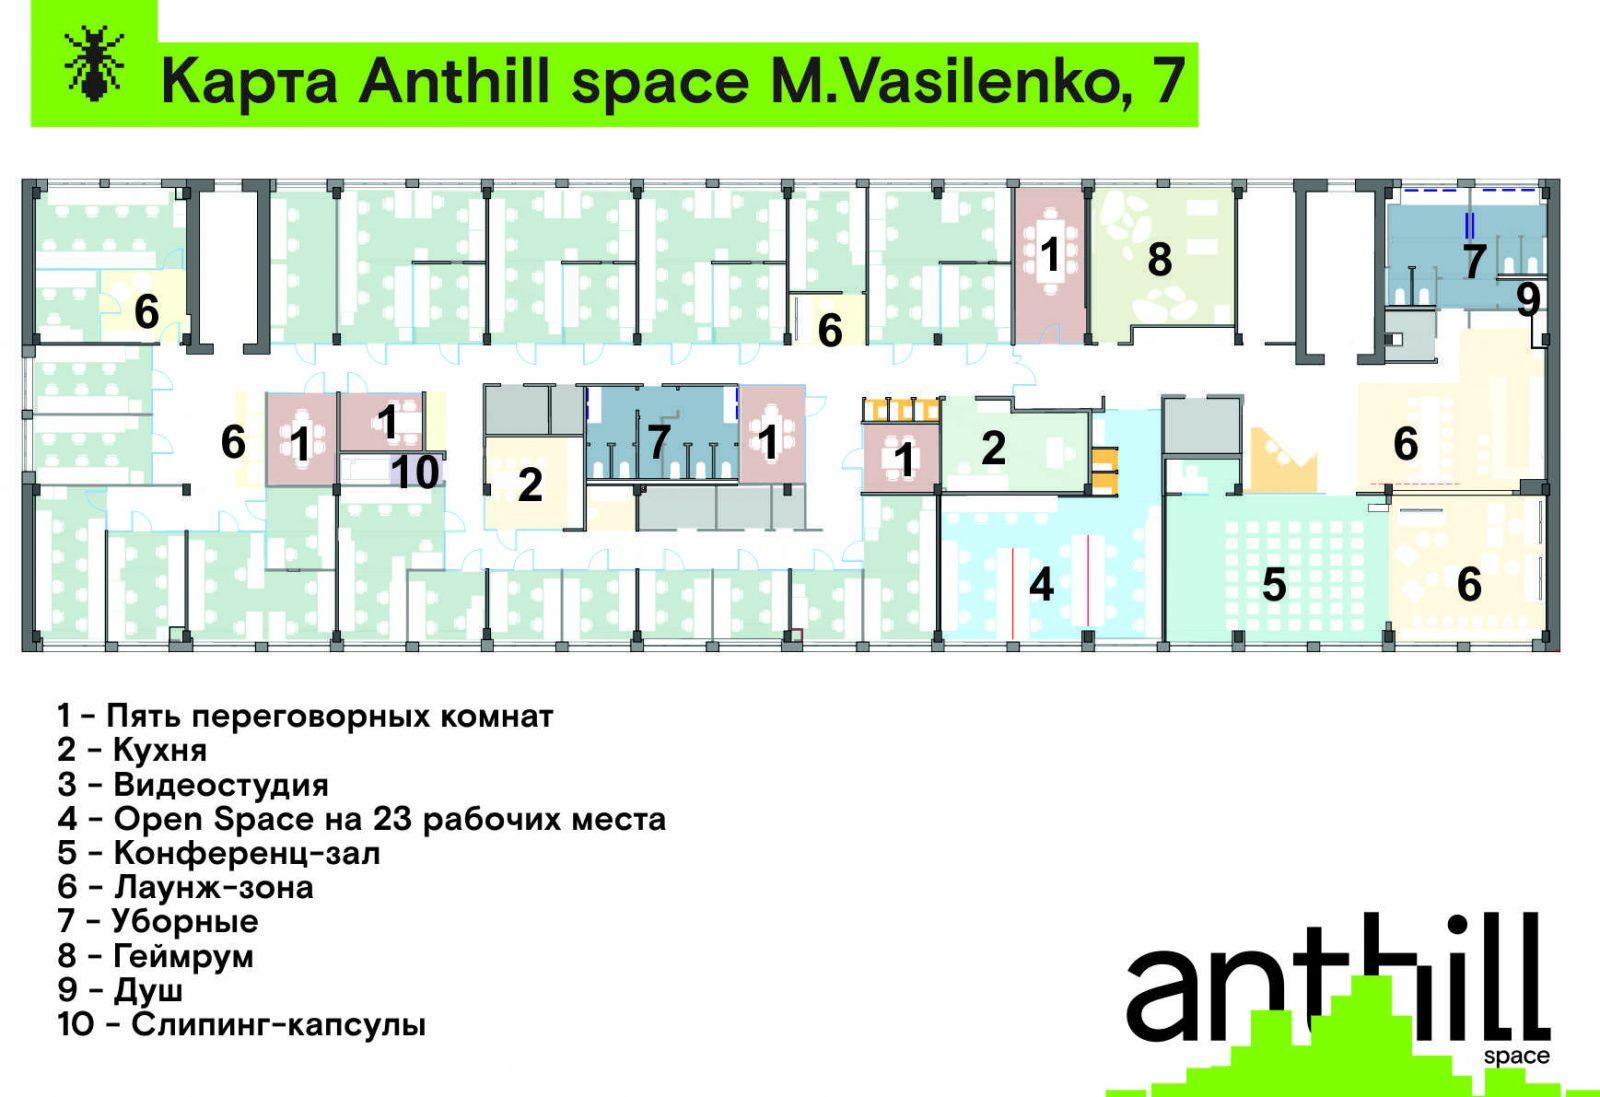 карта аренда офиса все включено